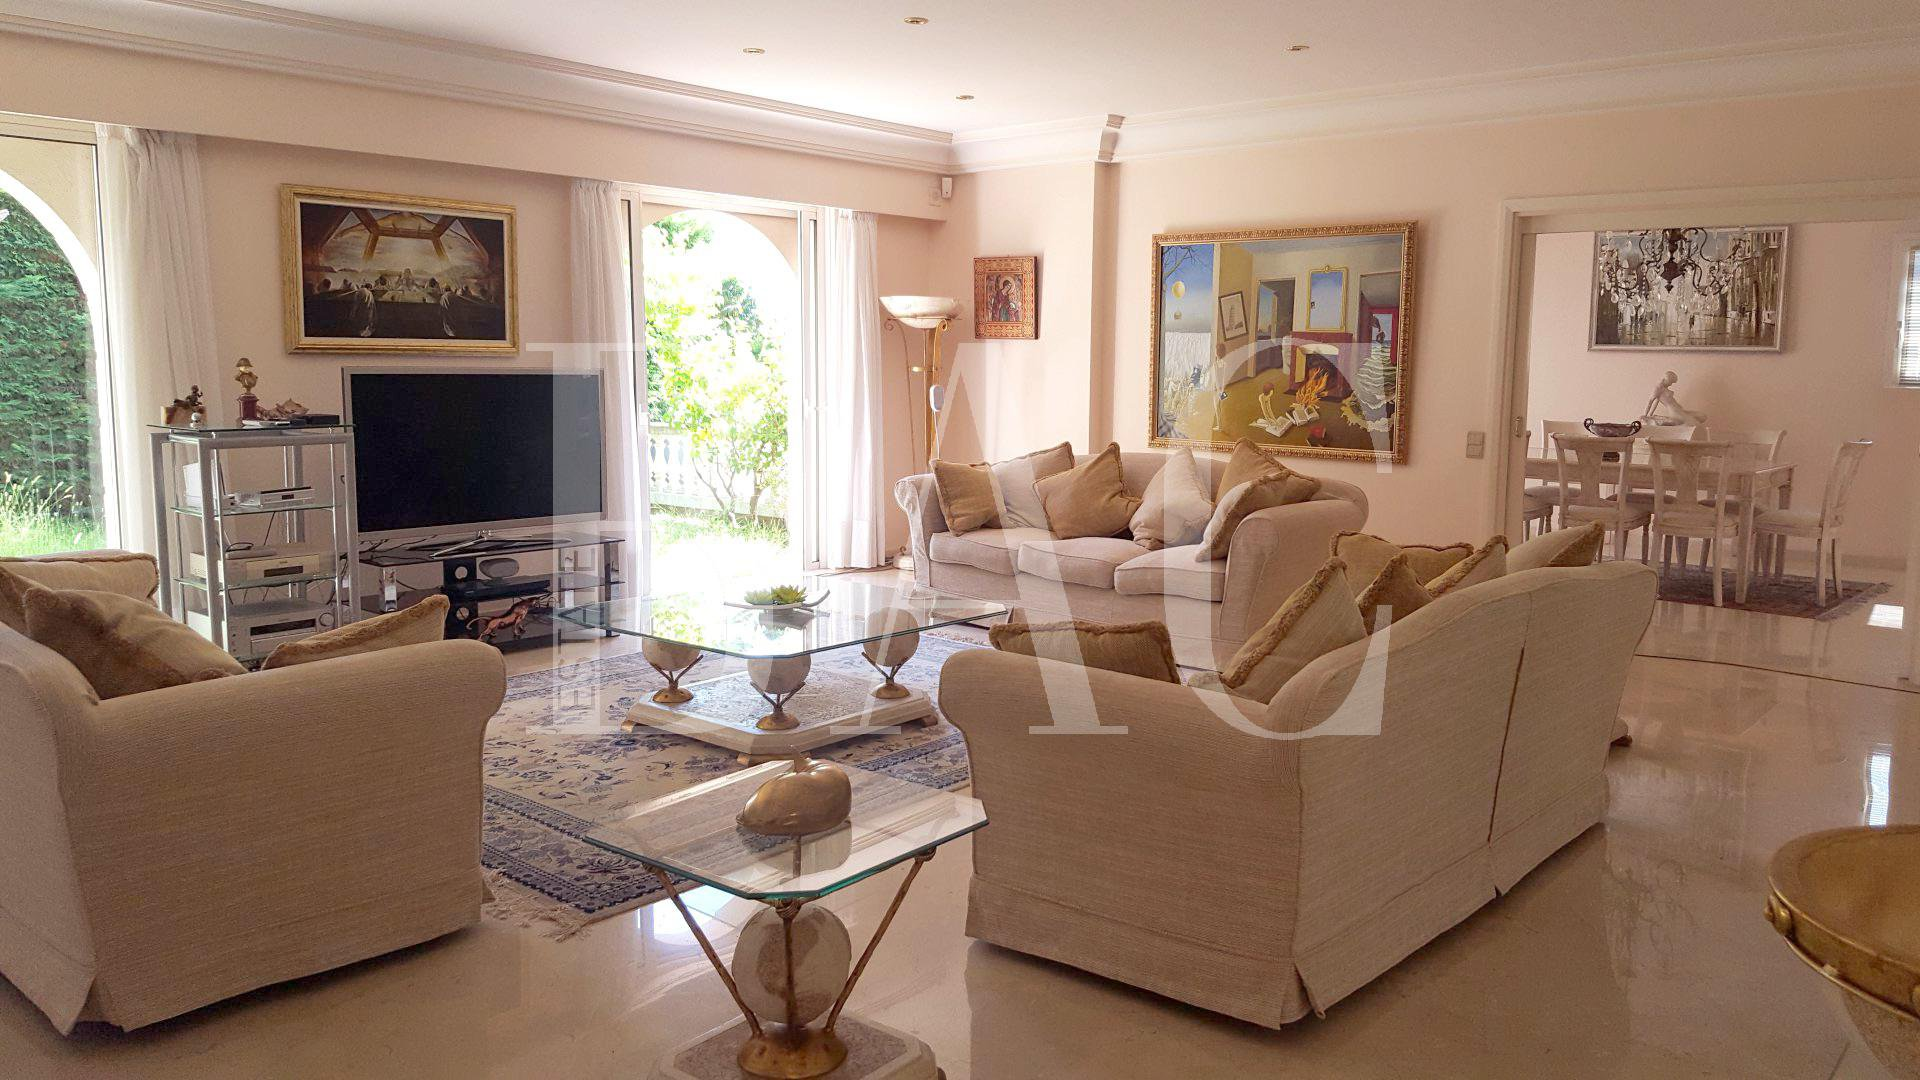 Cannes, villa de type Florentin à 1300 mètres de la rue d'Antibes et 1600 mètres de la plage de la Croisette